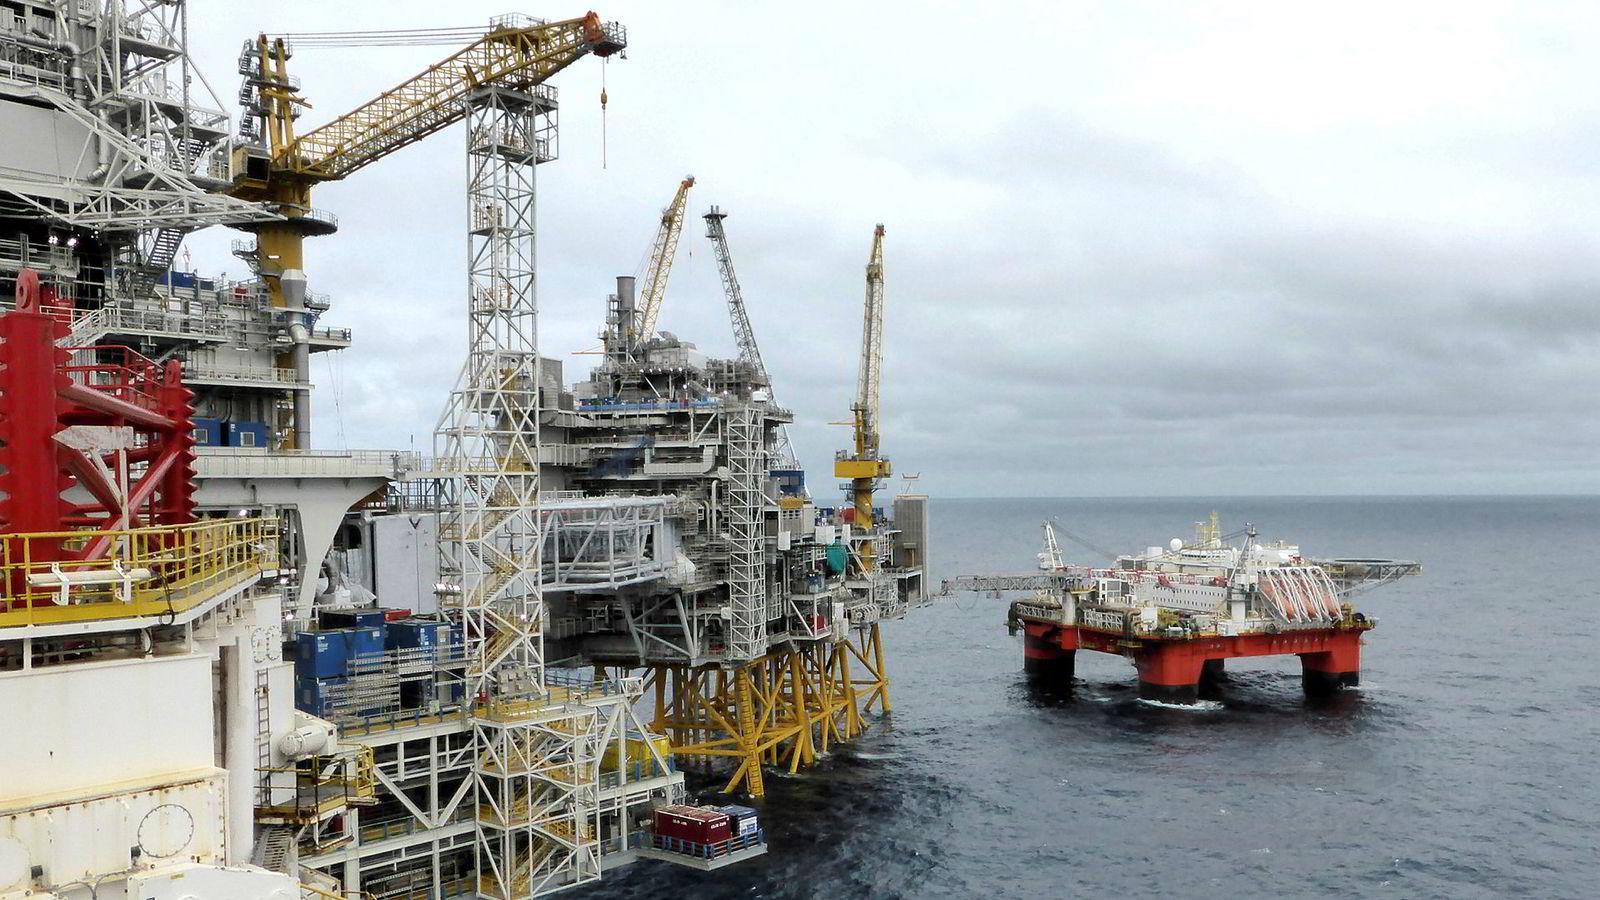 Vi mener at Thøgersen-utvalget overvurderer de finansielle og ikke-finansielle kostnadene ved å selge oljeaksjer. Her fra Equinors plattform på Johan Sverdrup-feltet i Nordsjøen.